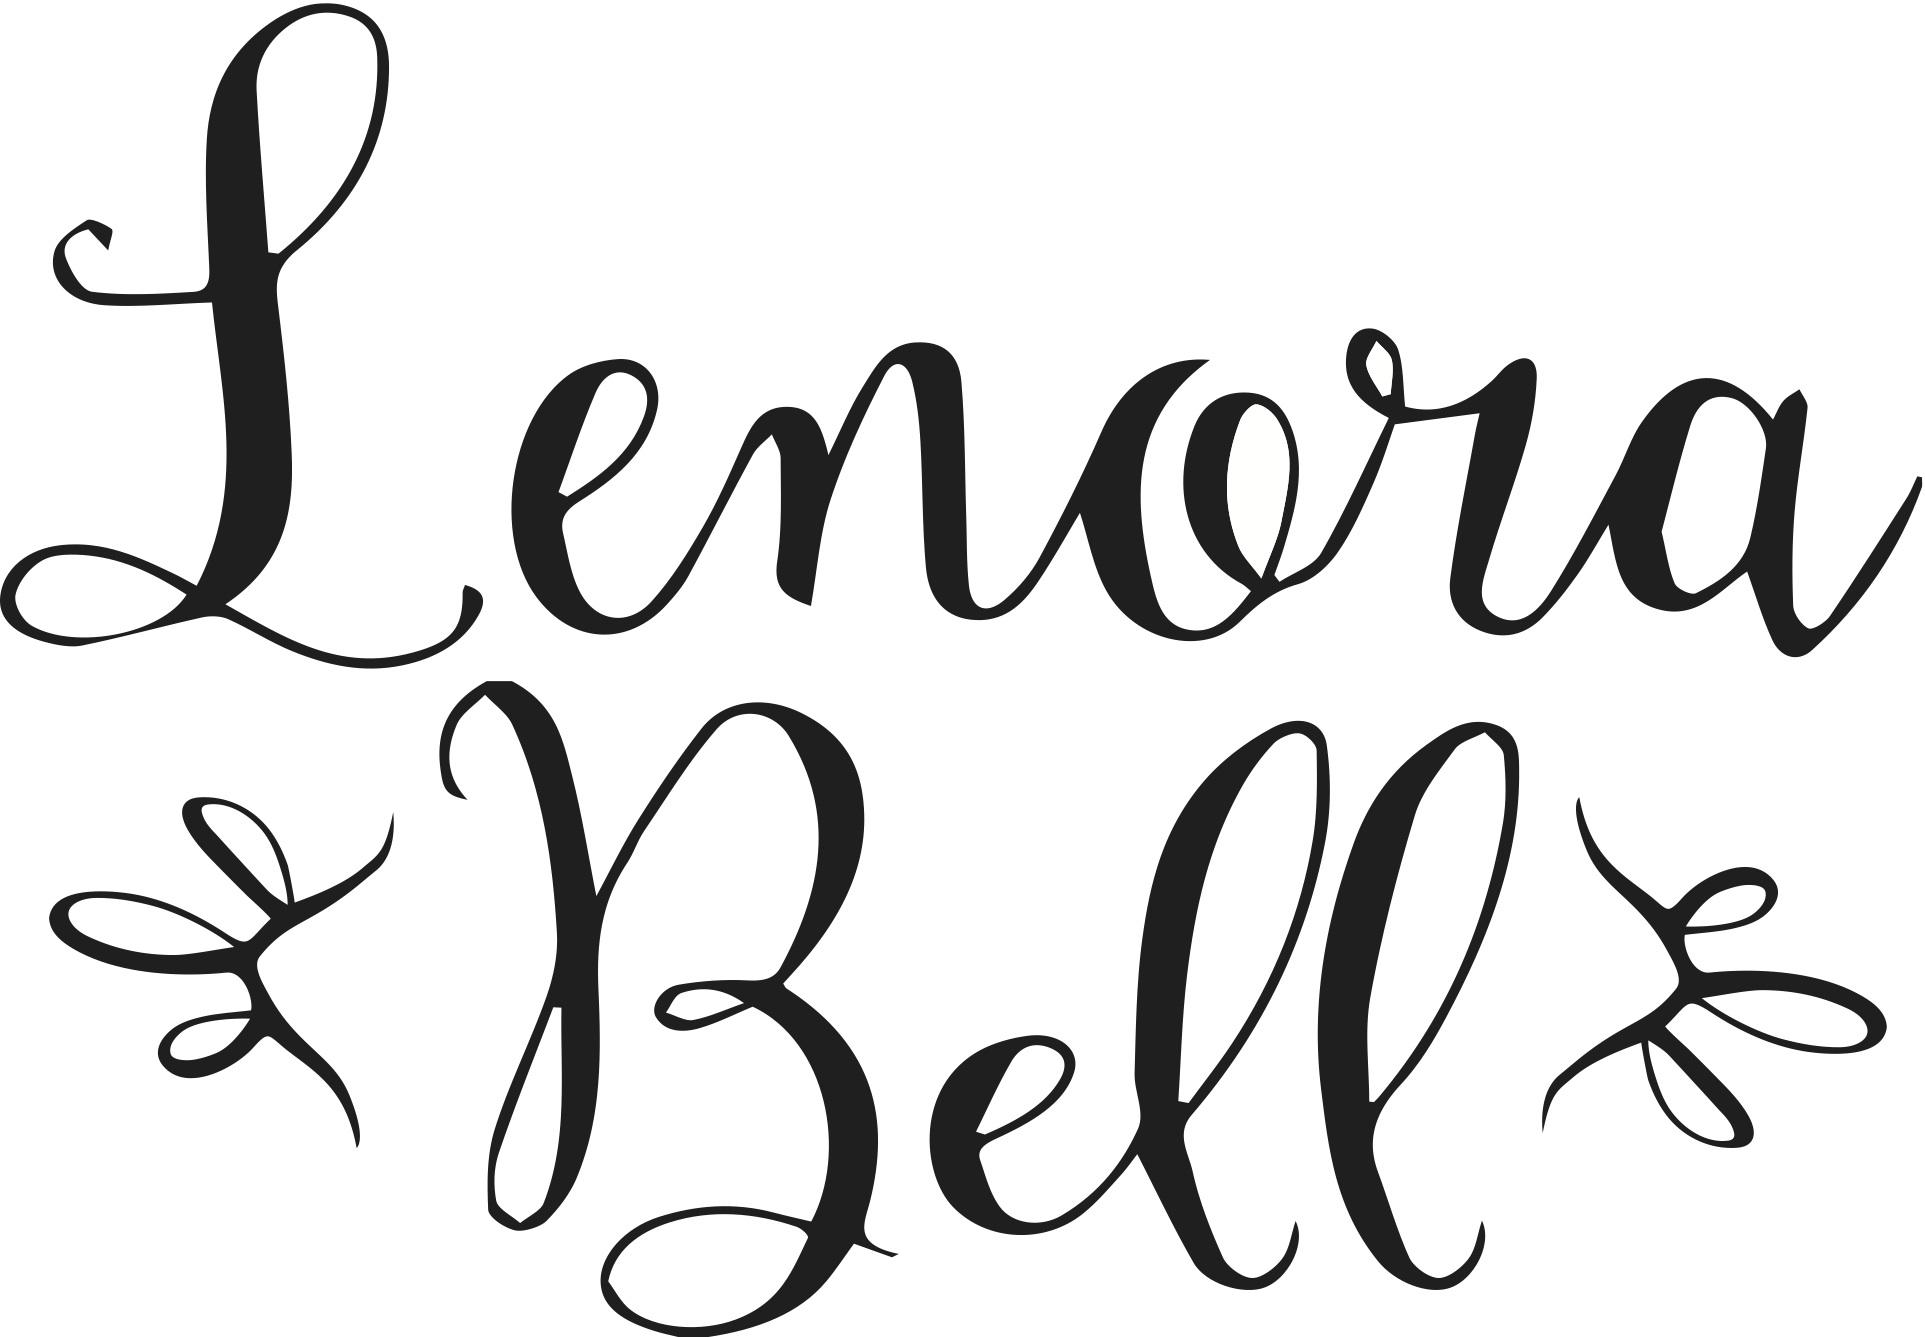 lenorabell_logo_jpg2